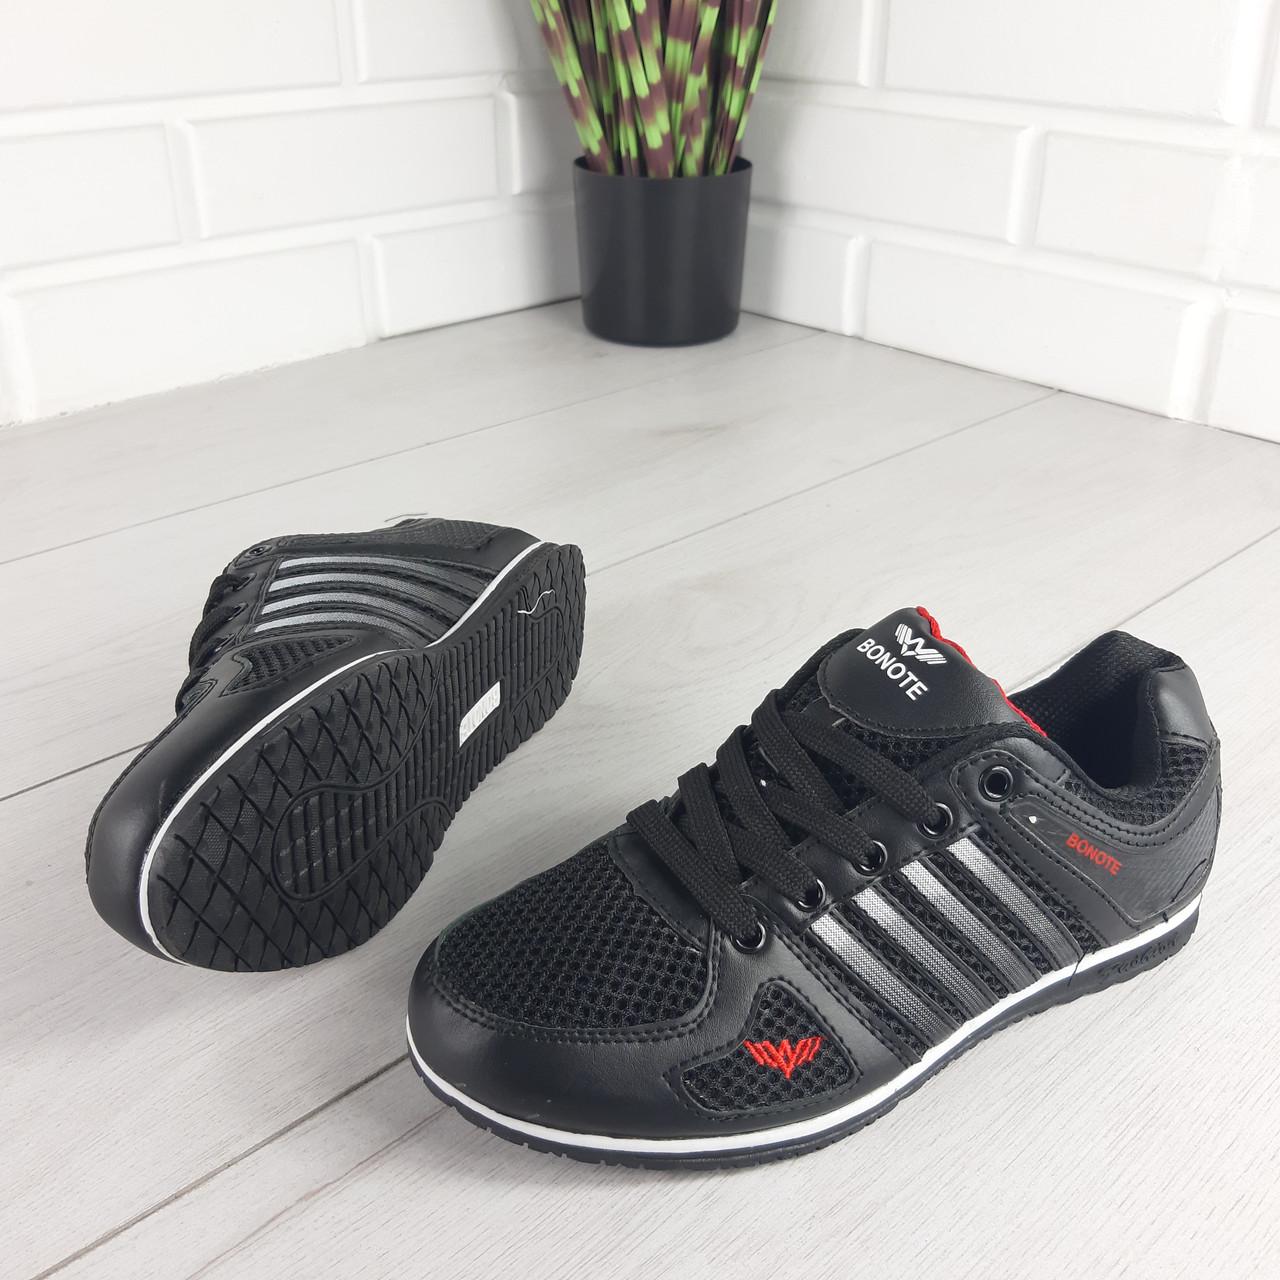 Кросівки жіночі, чорні кросівки на шнурках, текстиль + еко шкіра